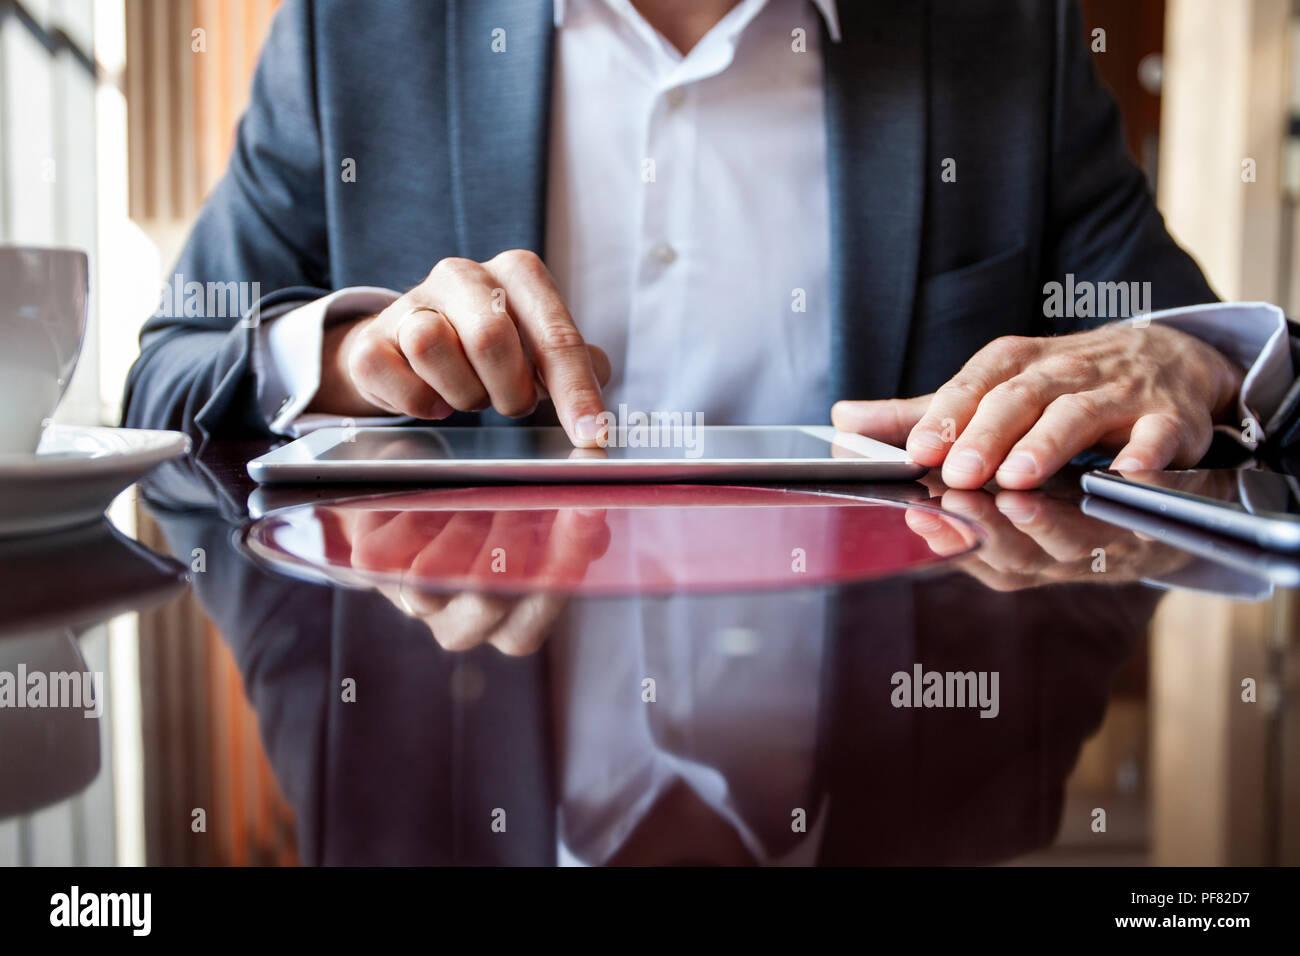 Geschäftsmann Holding digital Tablet, Hände multitasking Mann mit Tablet Stockbild